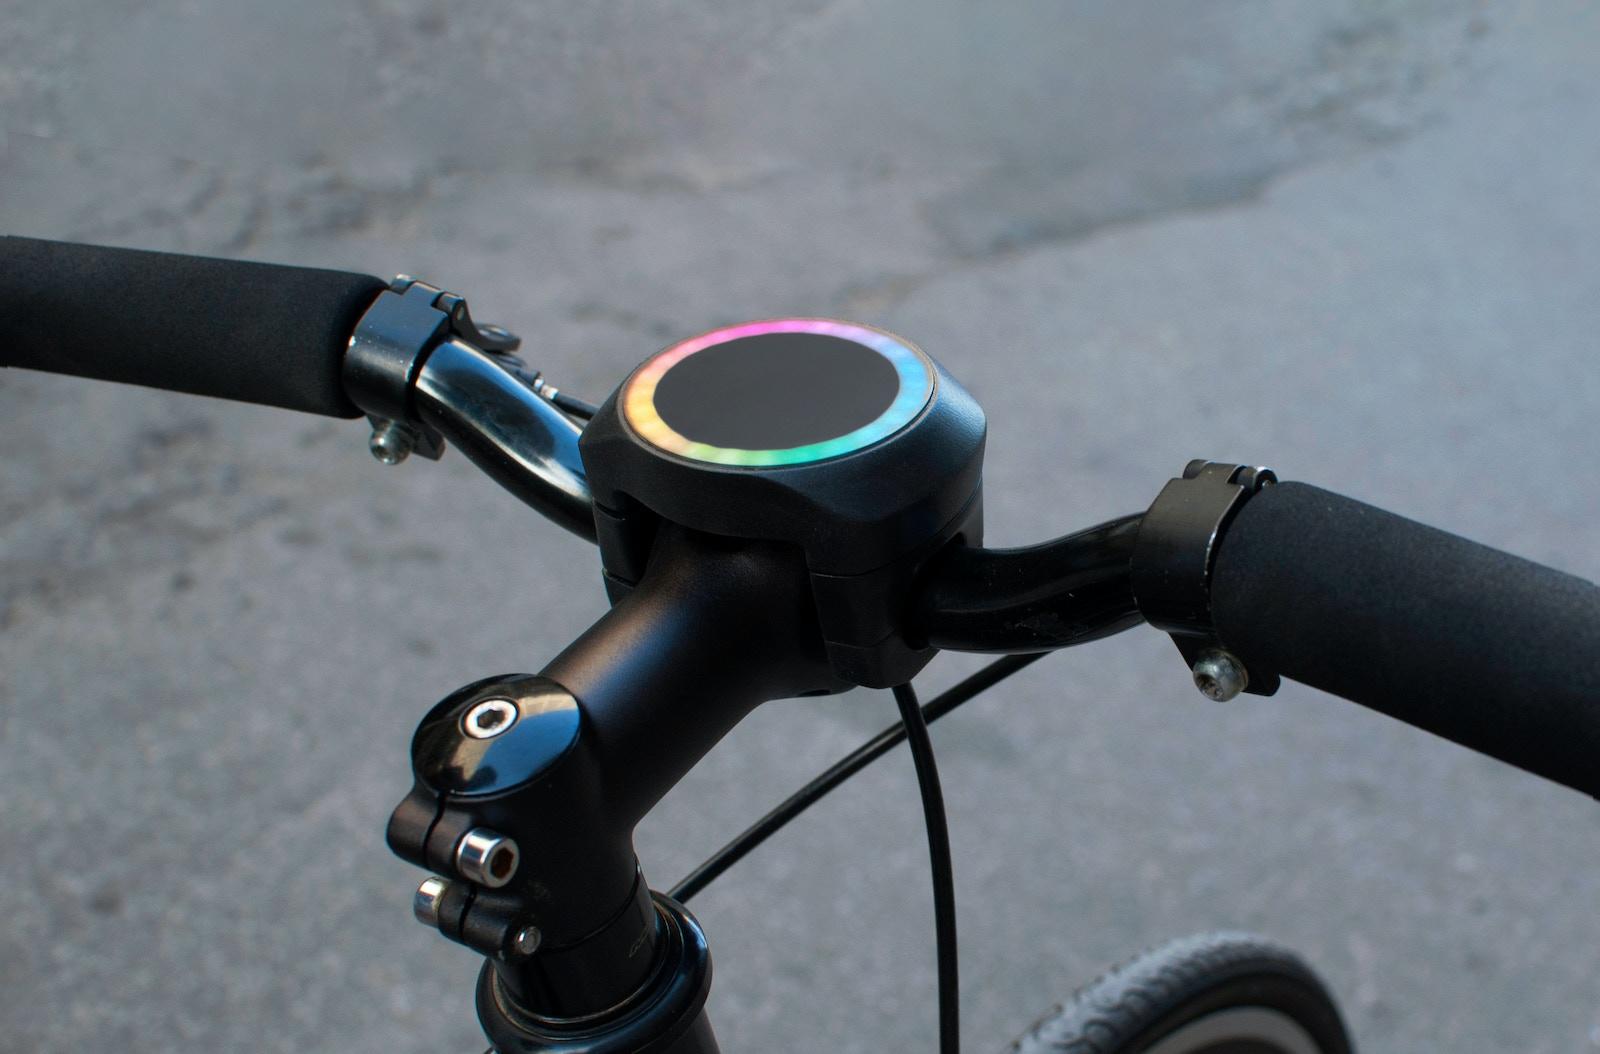 SmartHalo - Turn your bike into a smart bike